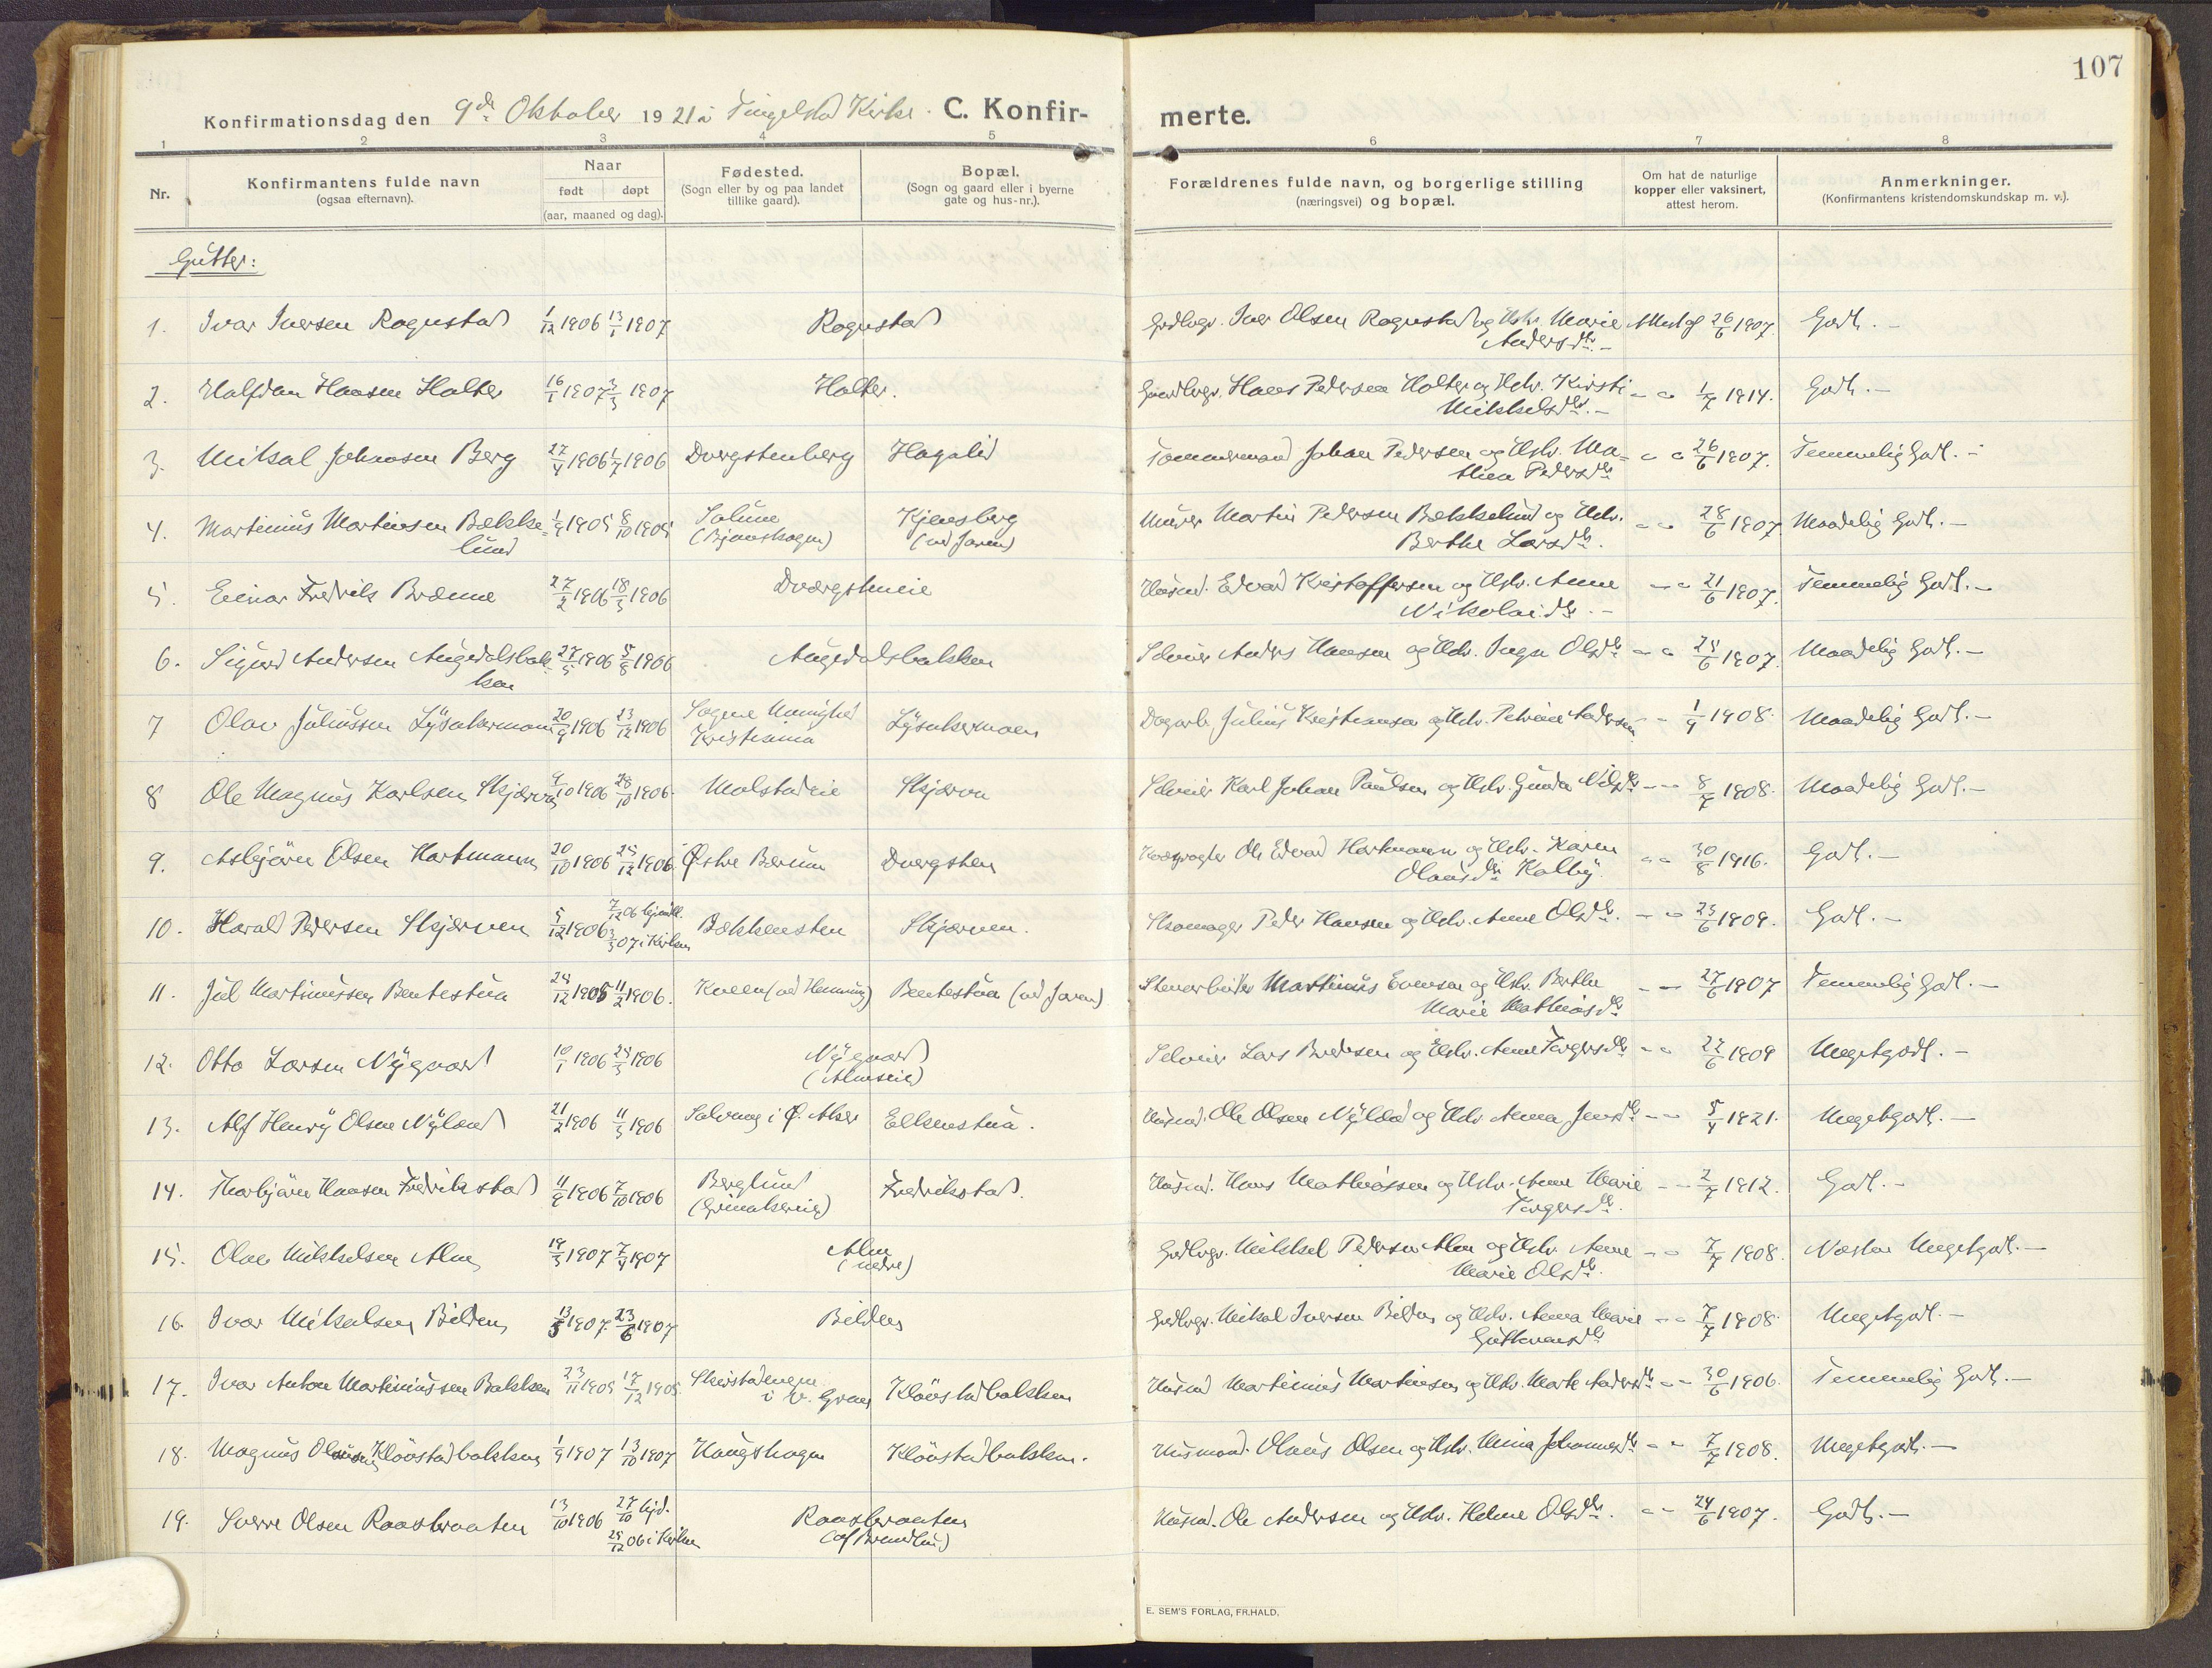 SAH, Brandbu prestekontor, Ministerialbok nr. 3, 1914-1928, s. 107